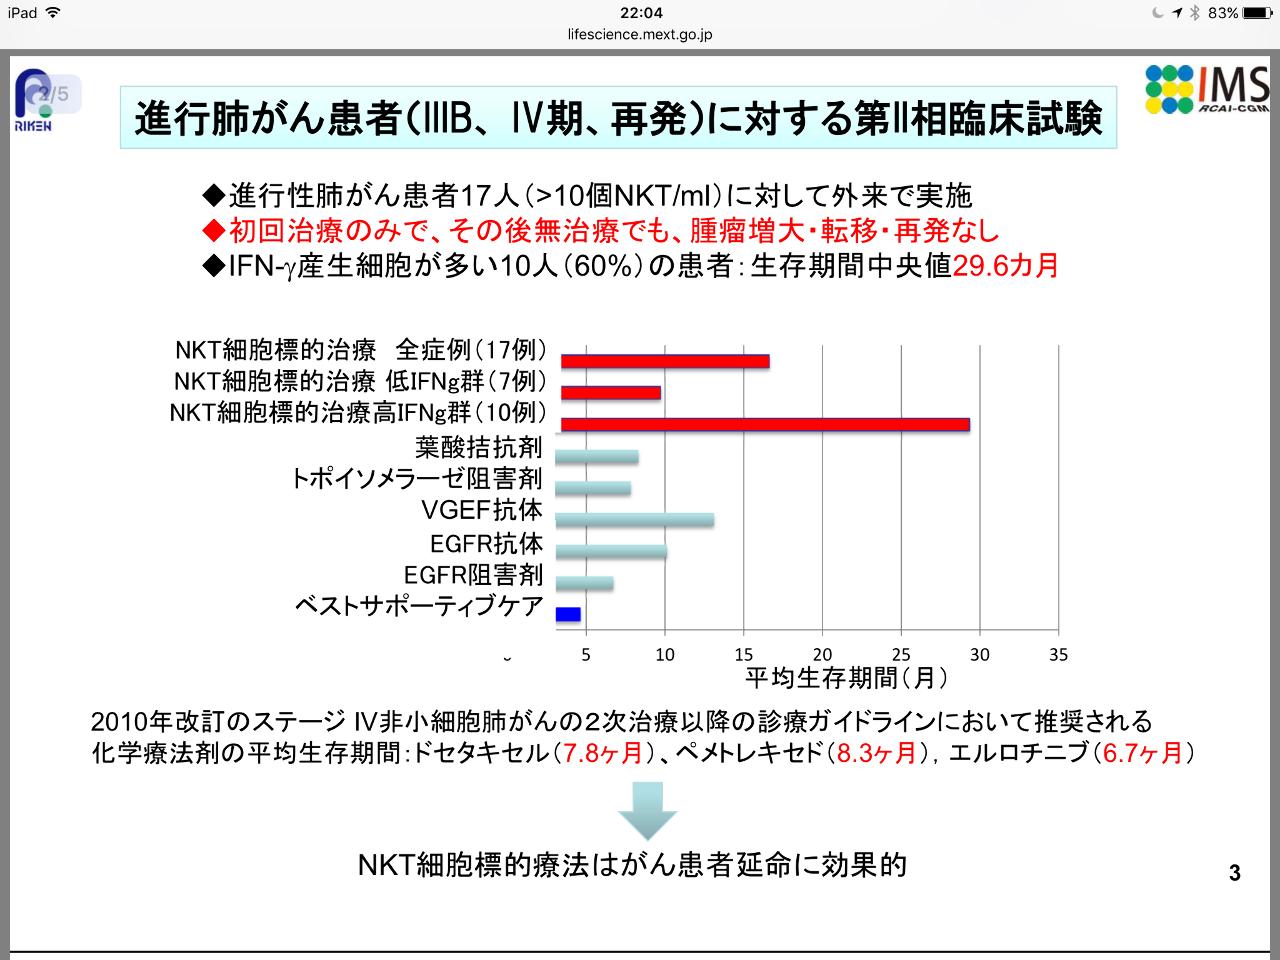 4594 - ブライトパス・バイオ(株) http ://www.lifescience.mext.go.jp/files/pdf/n1235